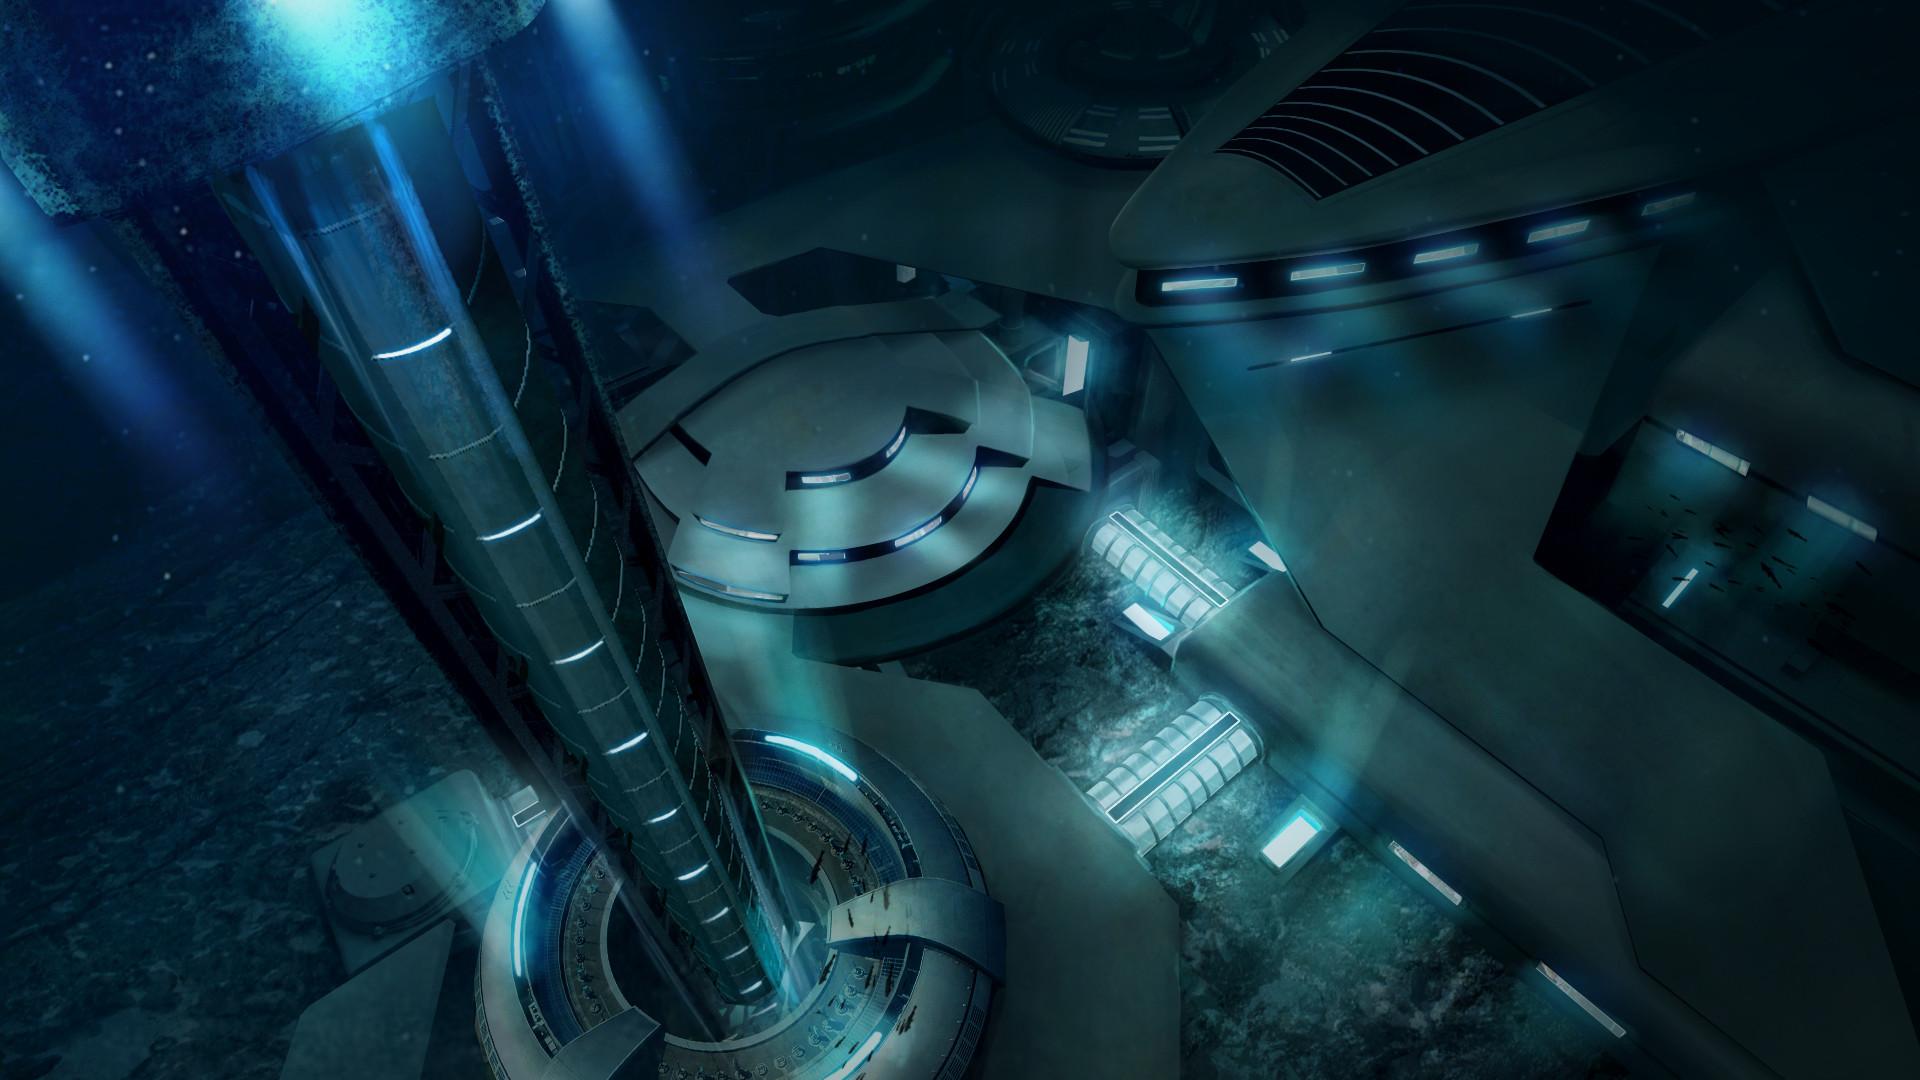 Eva kedves underwater base concept ke v010 jav